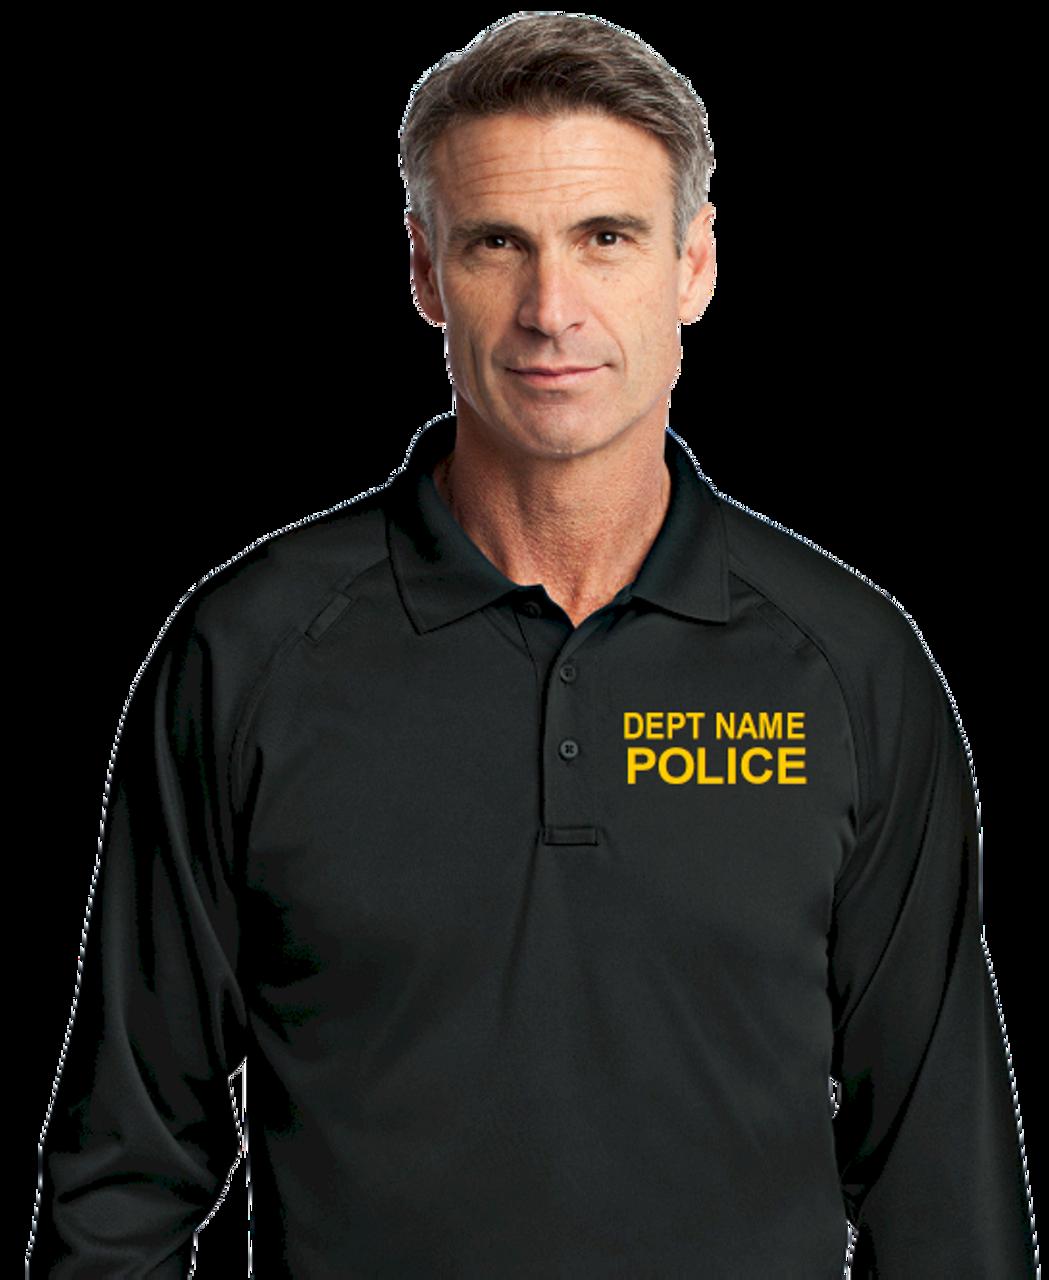 law enforcement t shirt warrior t shirt police t shirt gun t shirt